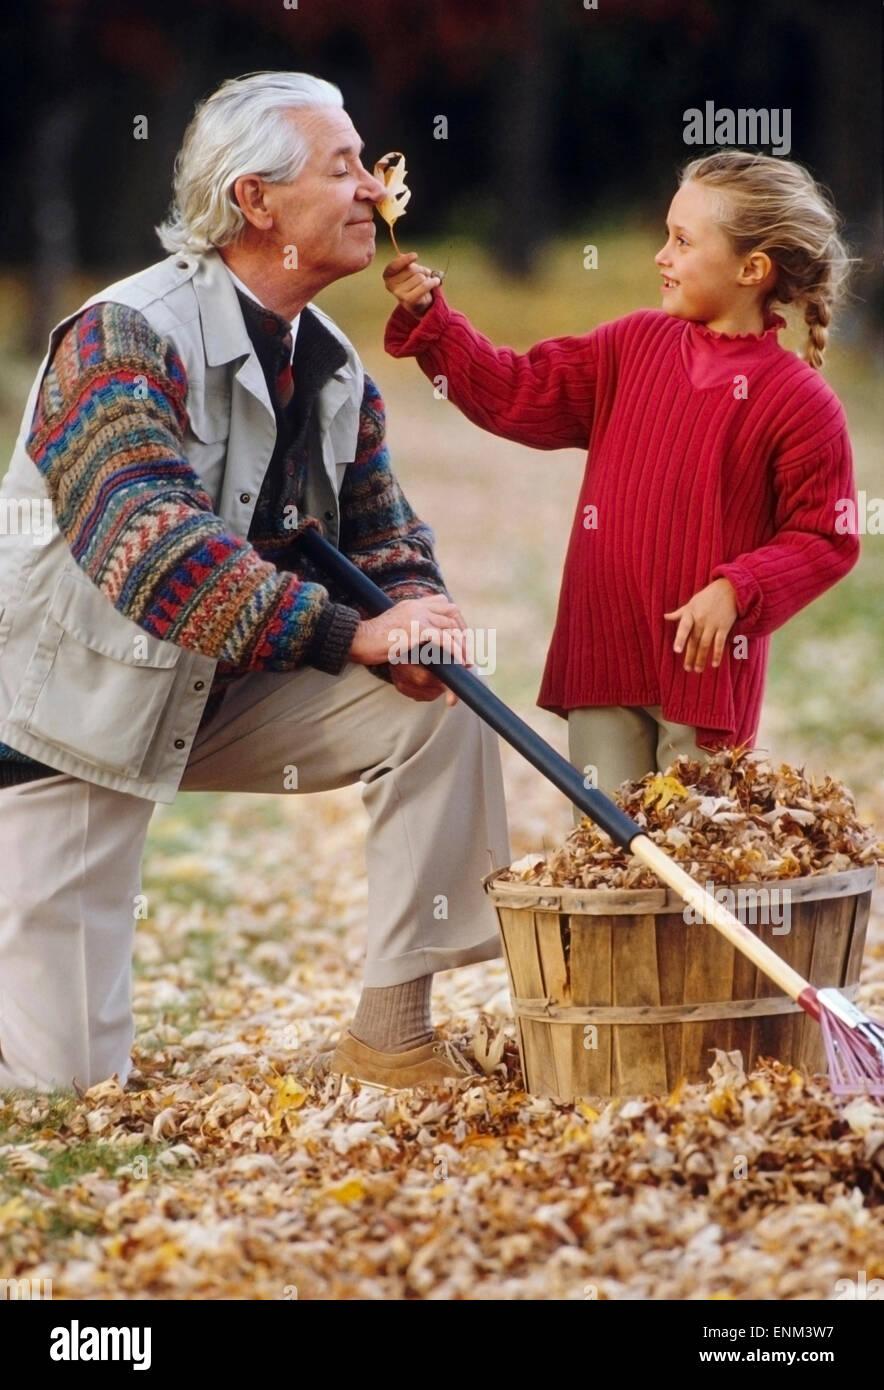 Nonno e nipote con foglie Immagini Stock